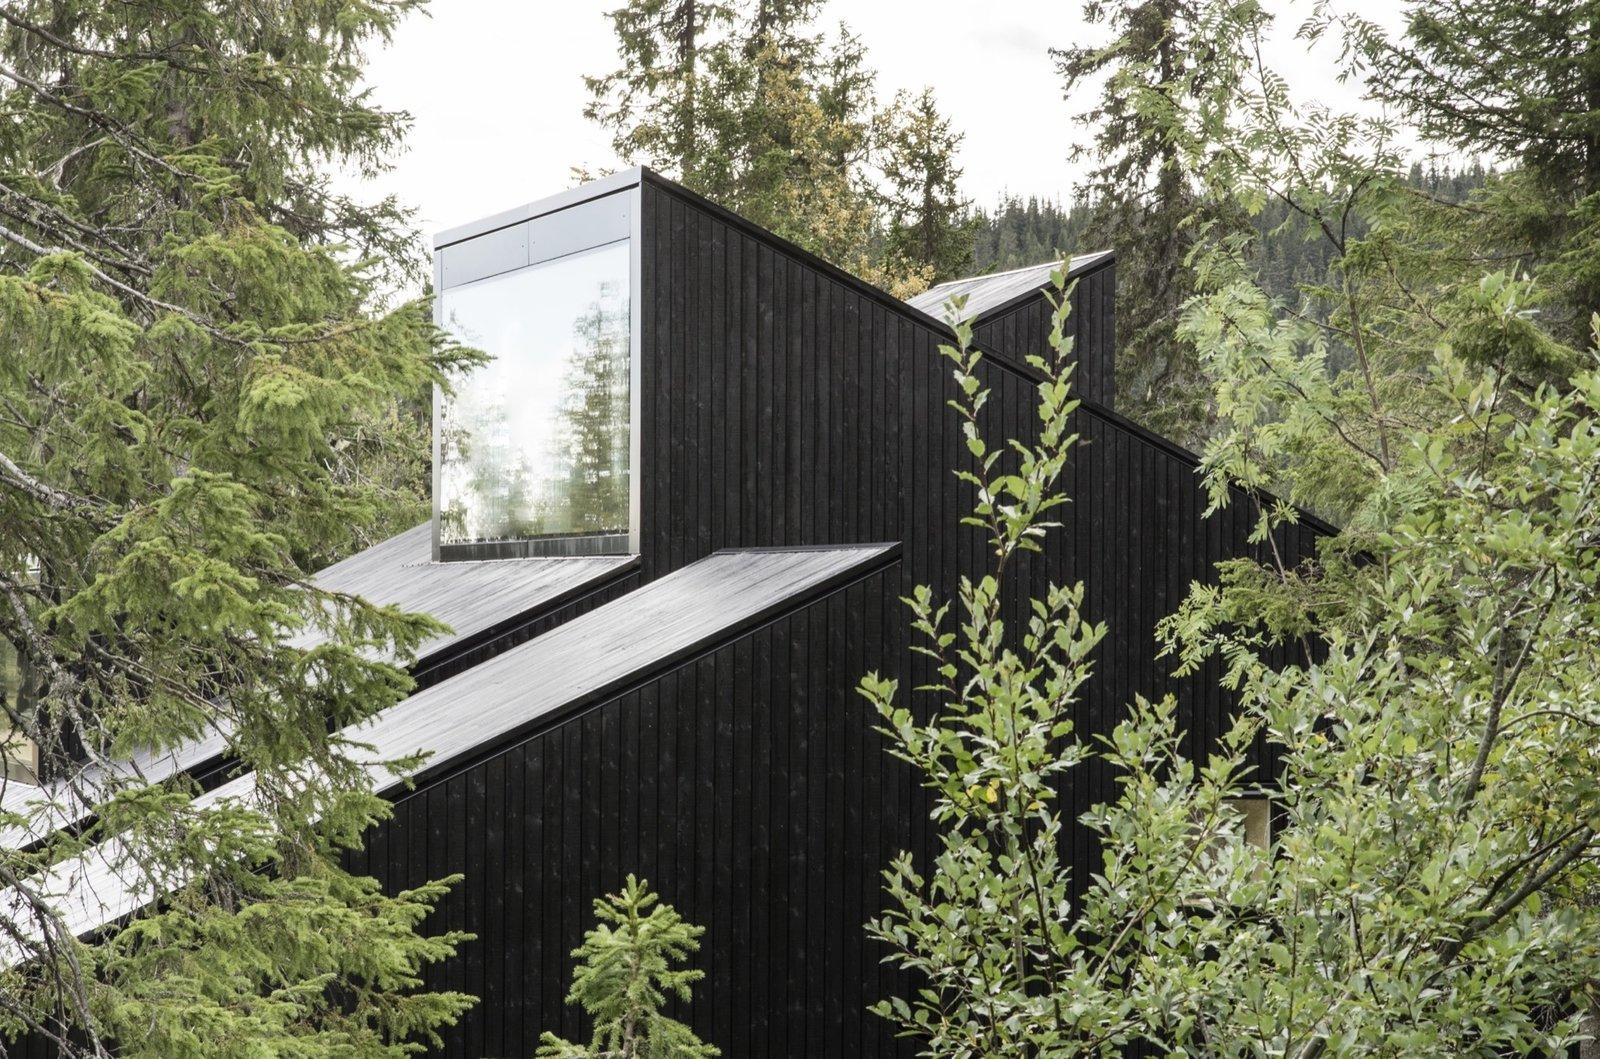 Photo 12 of 18 in The Vindheim Cabin: Snowbound in Norway